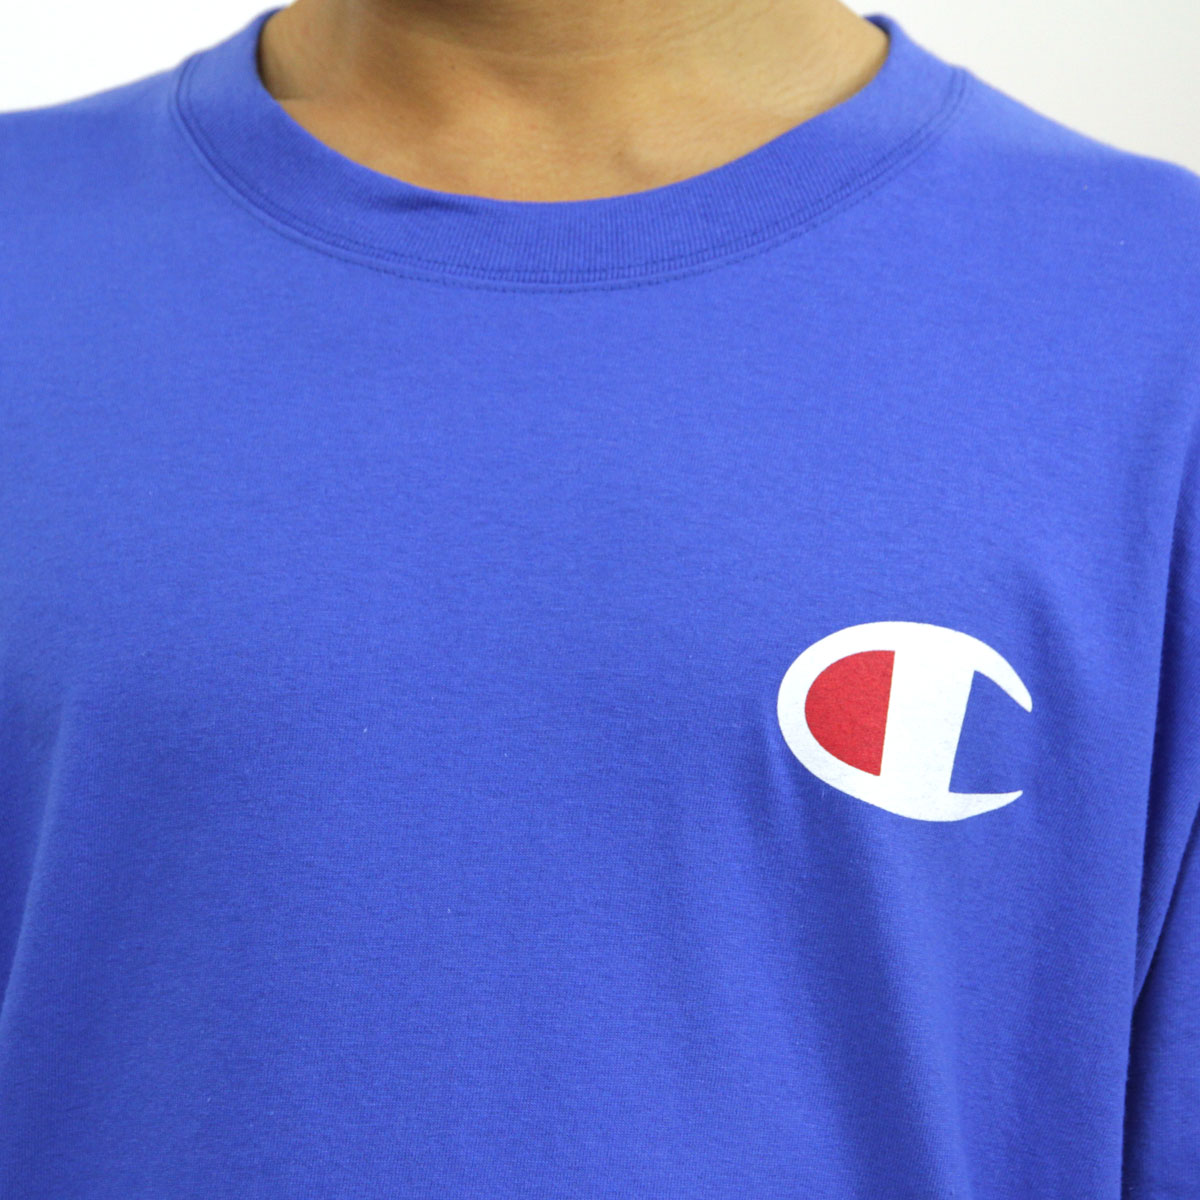 チャンピオン CHAMPION 正規品 メンズ 長袖Tシャツ L/S TEE T2229P Cotton Long Sleeve Tee GUX-SURFTHEWEB #549506 PATRIOTIC C LS